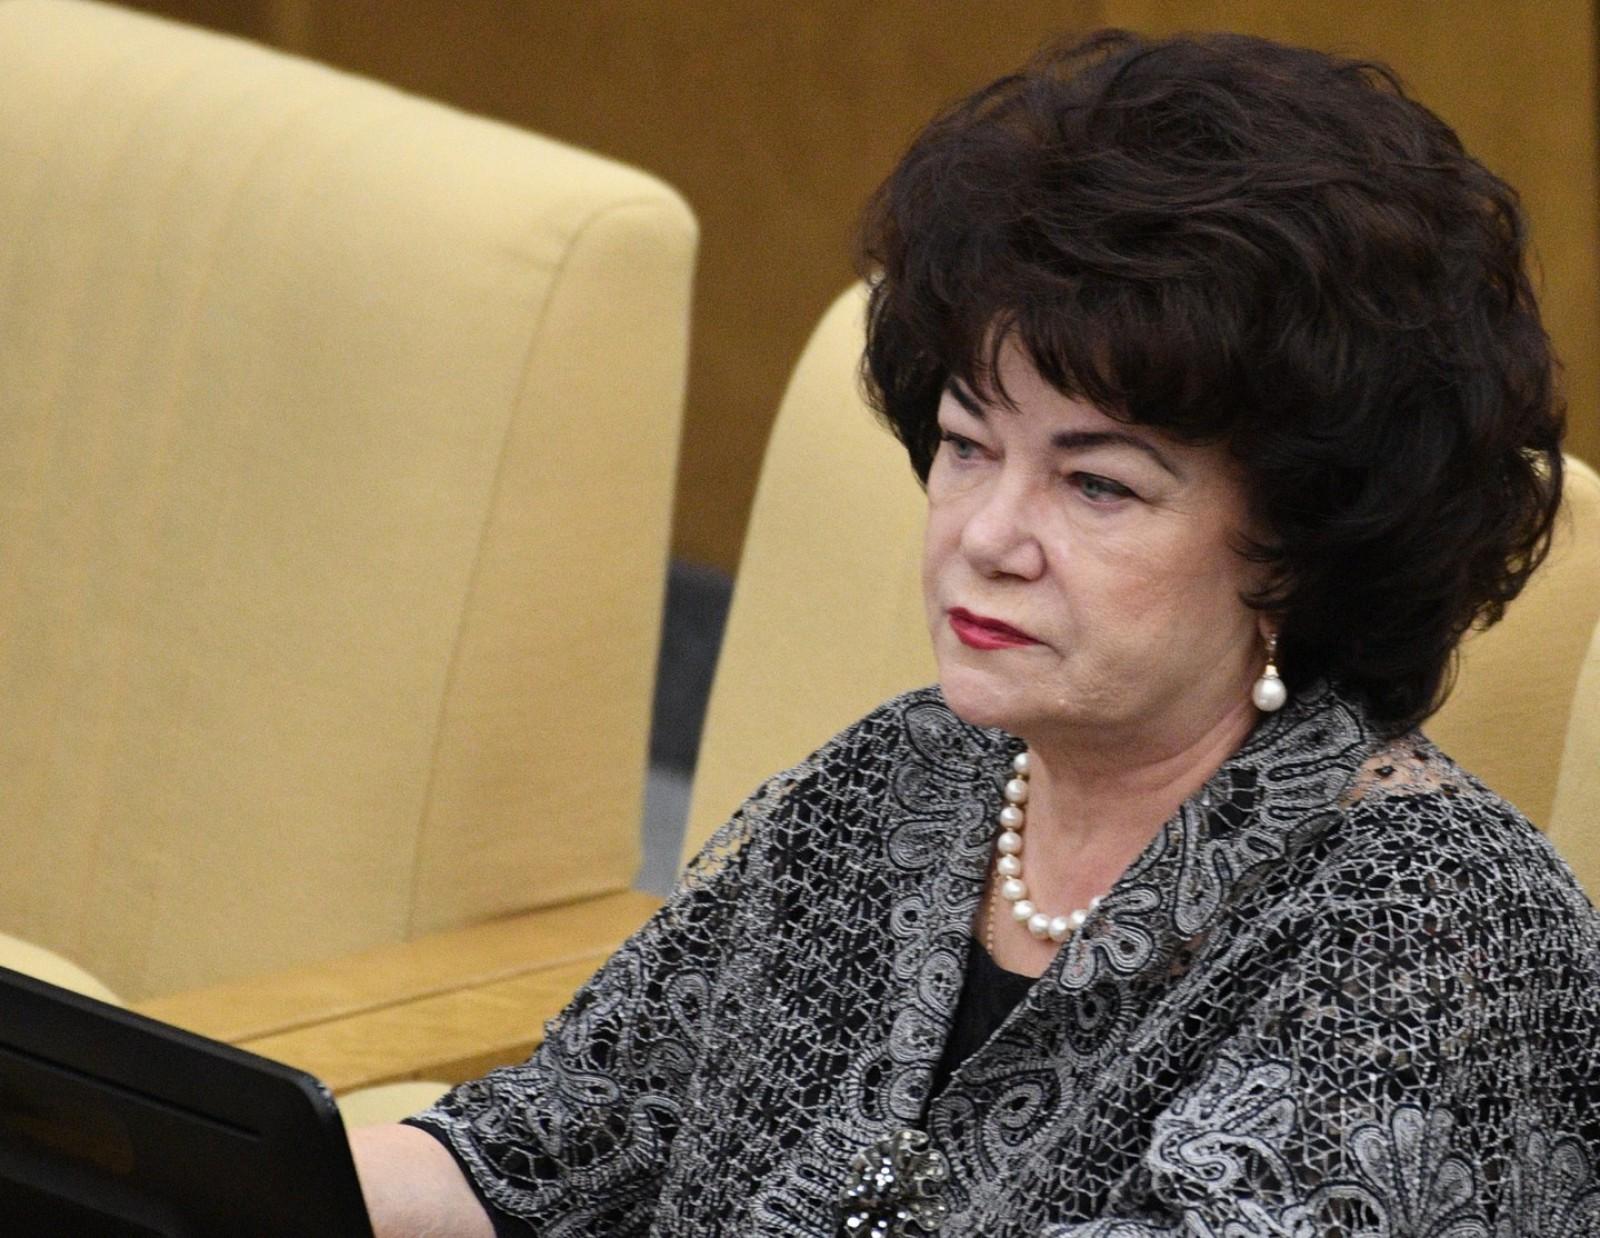 Un deputat din Duma rusească a chemat femeile din Rusia să nu întrețină relații intime cu suporterii Cupei Mondiale veniți de peste hotare